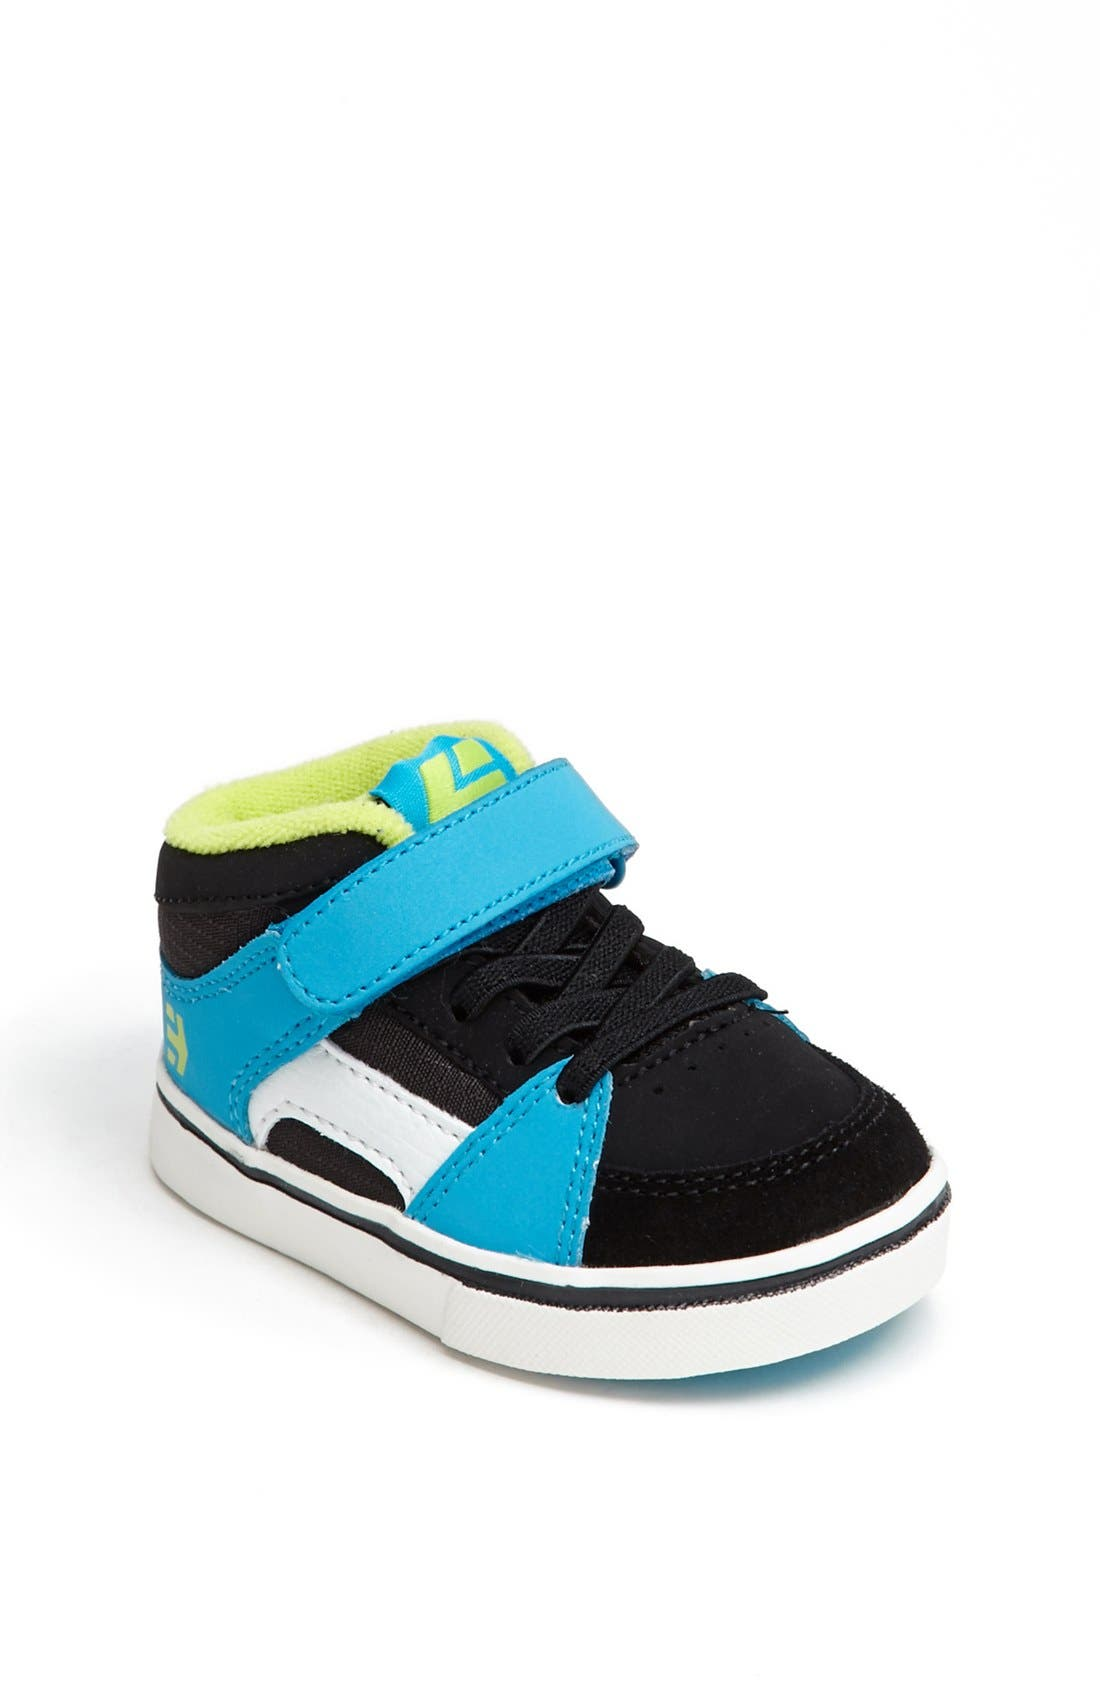 Main Image - Etnies 'RVM' Strap Sneaker (Walker & Toddler)